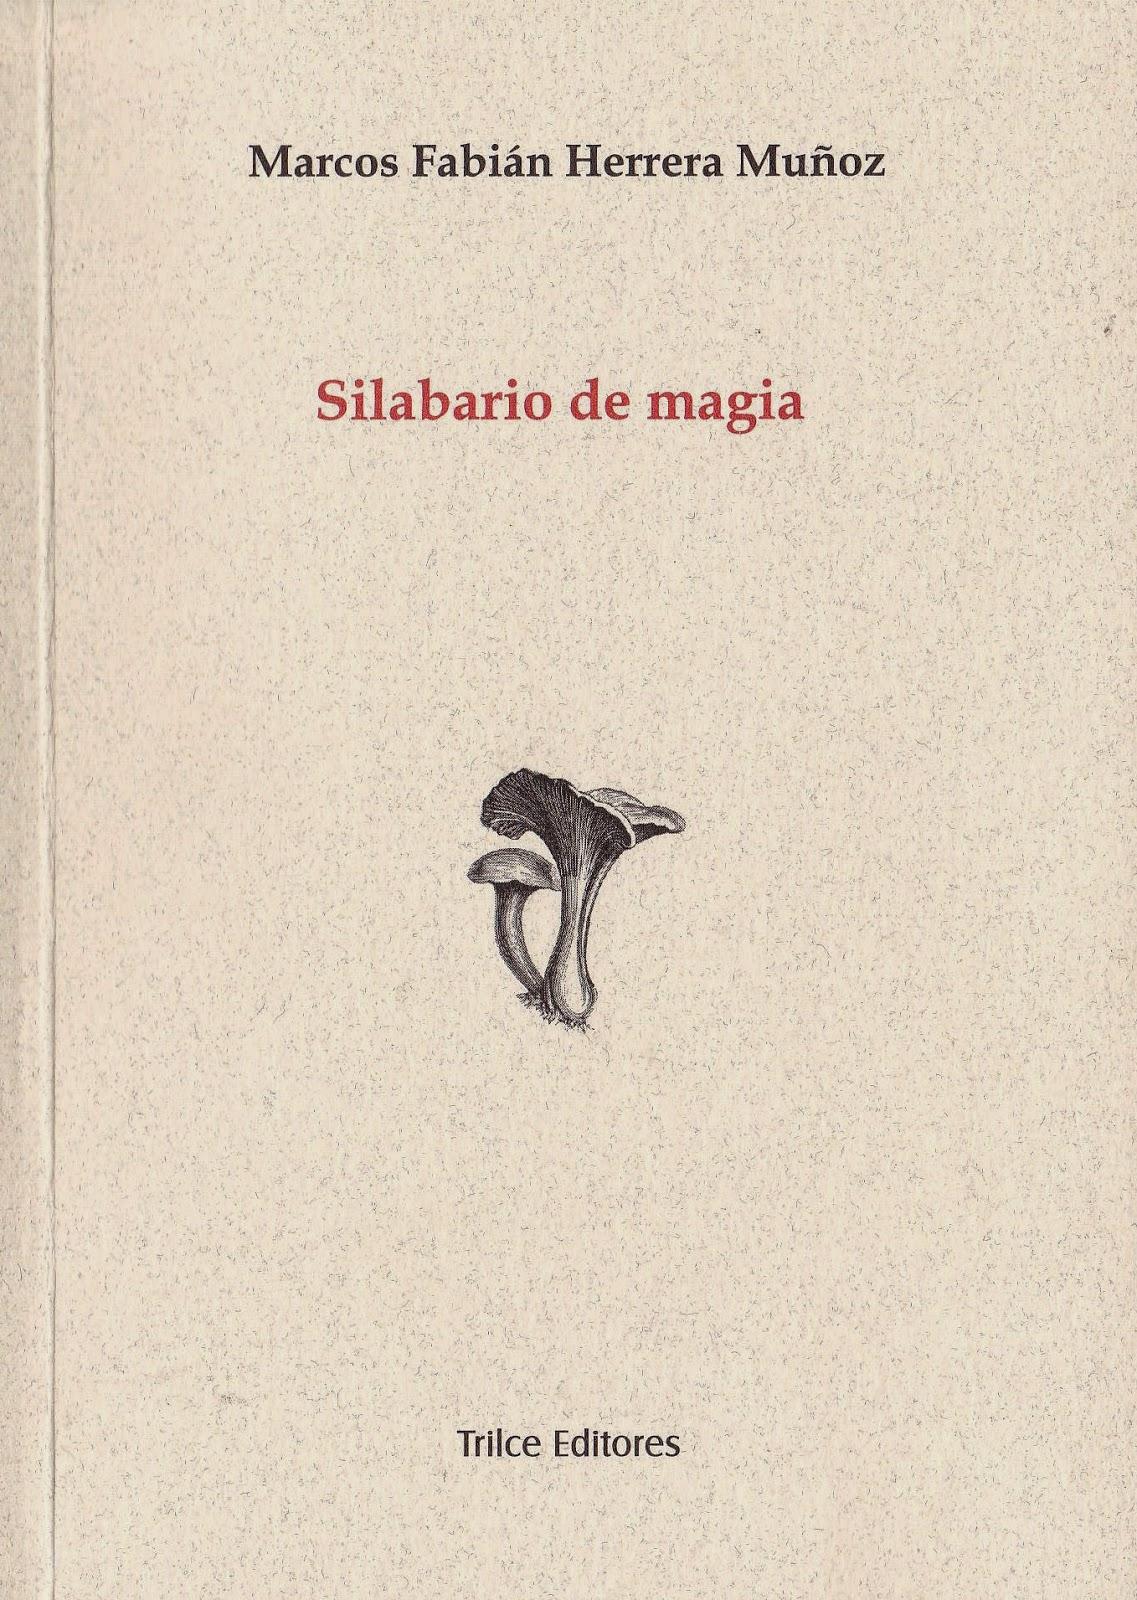 Marcos Fabián Herrera - Músicos   Poetas Colombianos - E SánchezNieto -